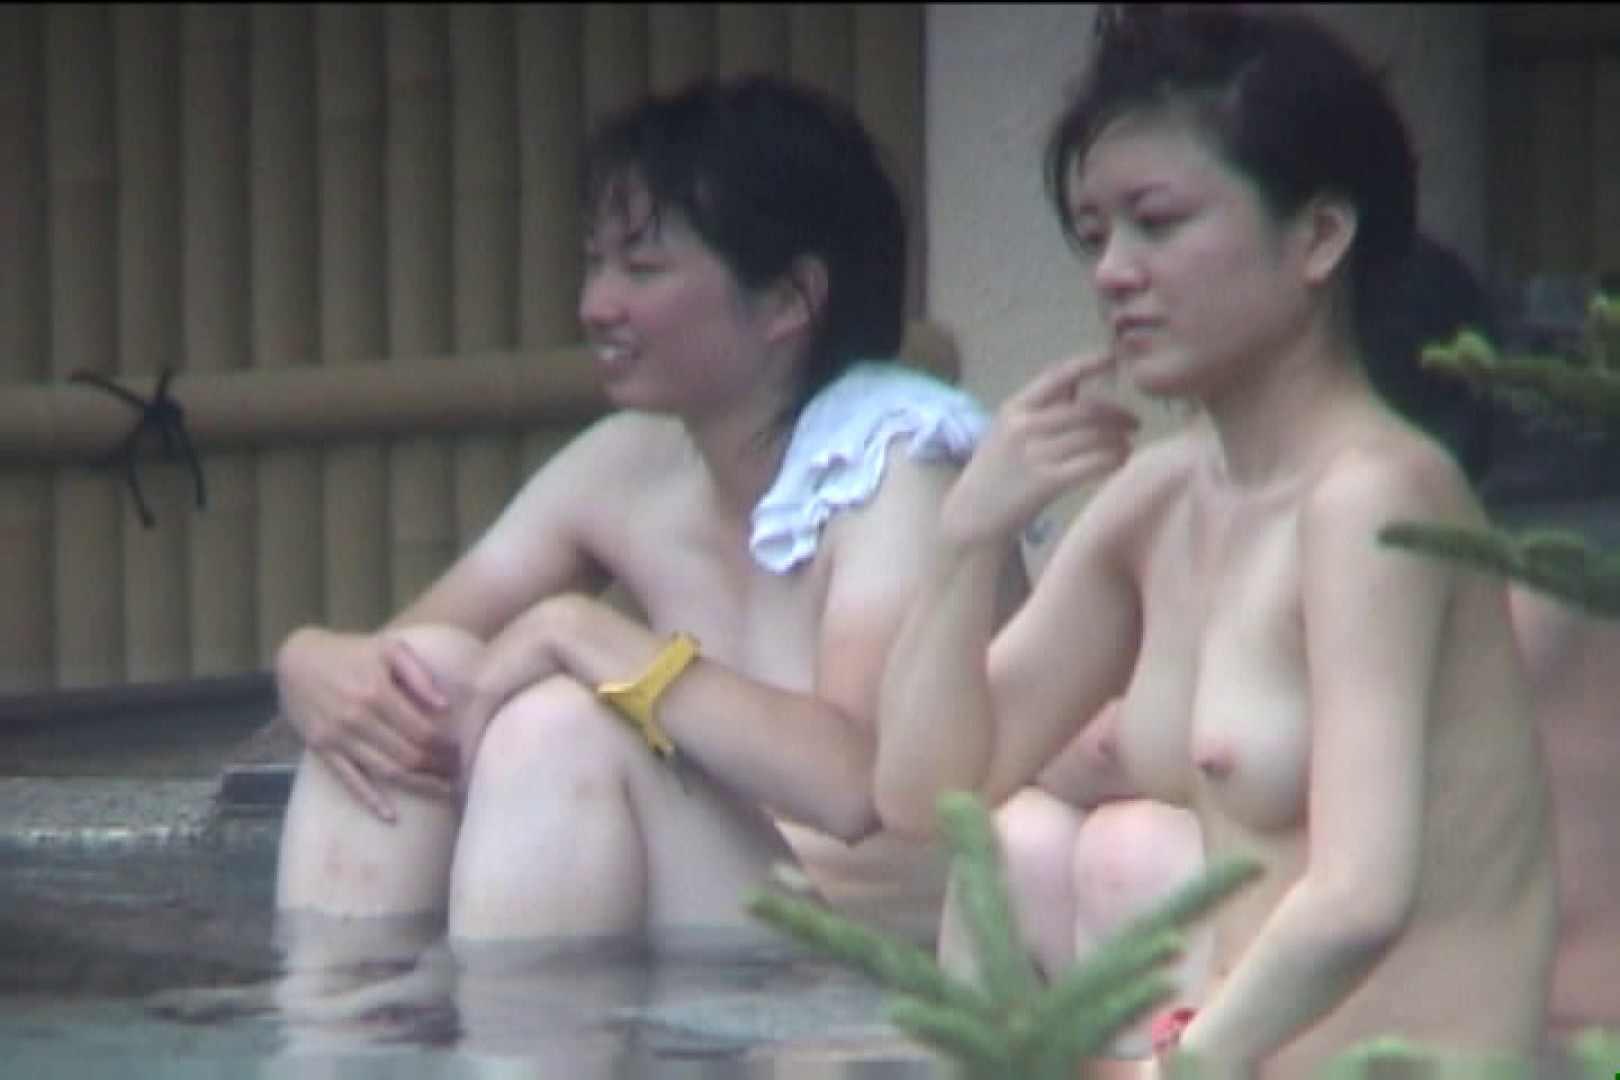 Aquaな露天風呂Vol.94【VIP限定】 露天   盗撮  79画像 28